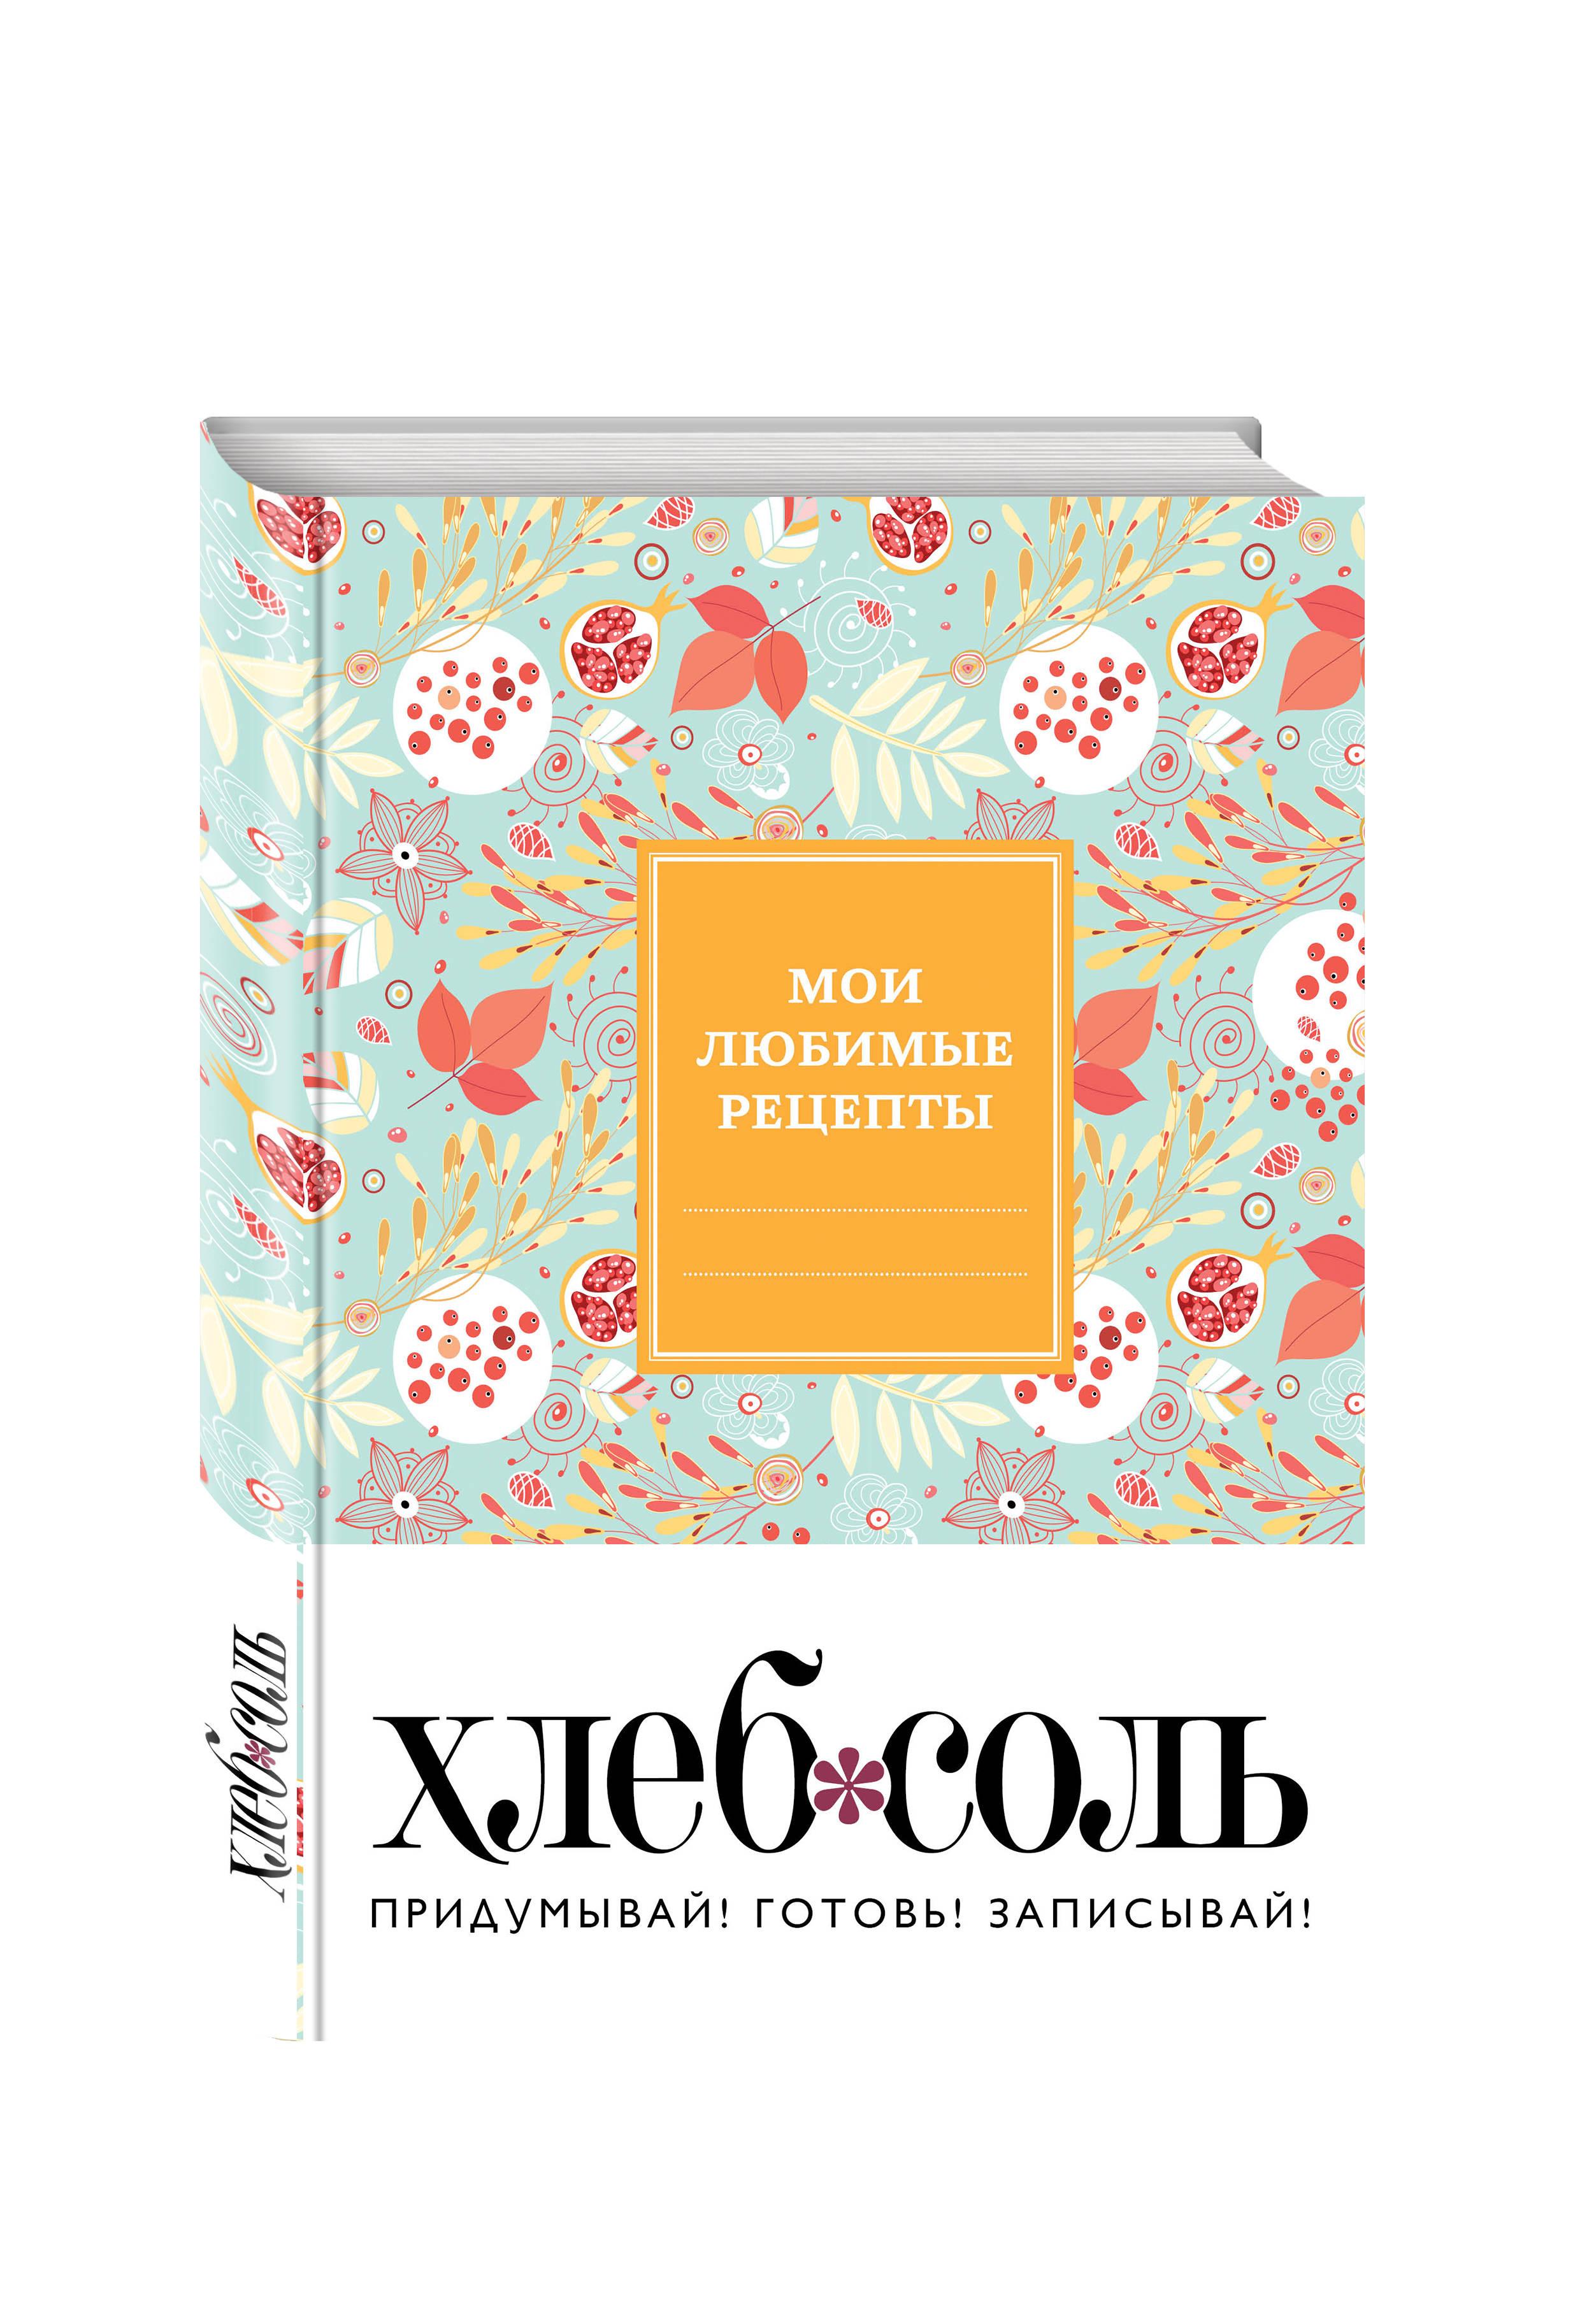 Мои любимые рецепты. Книга для записи рецептов (твердый пер., ягодный бум) вкусные истории книга для записи рецептов